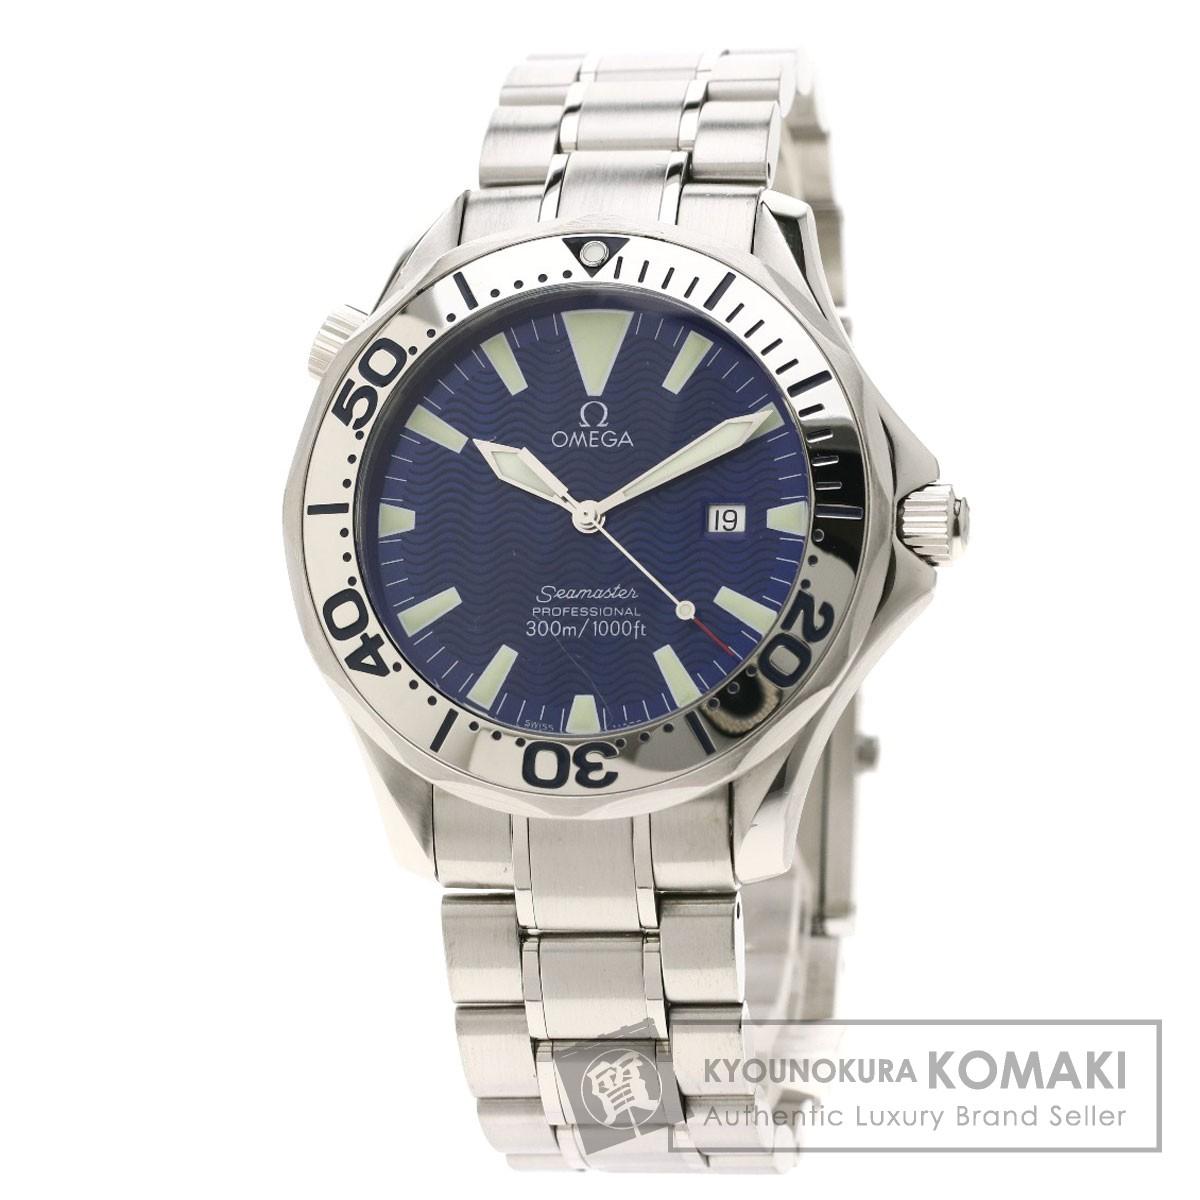 オメガ 2265.80 シーマスター 腕時計 ステンレススチール/SS メンズ 【中古】【OMEGA】